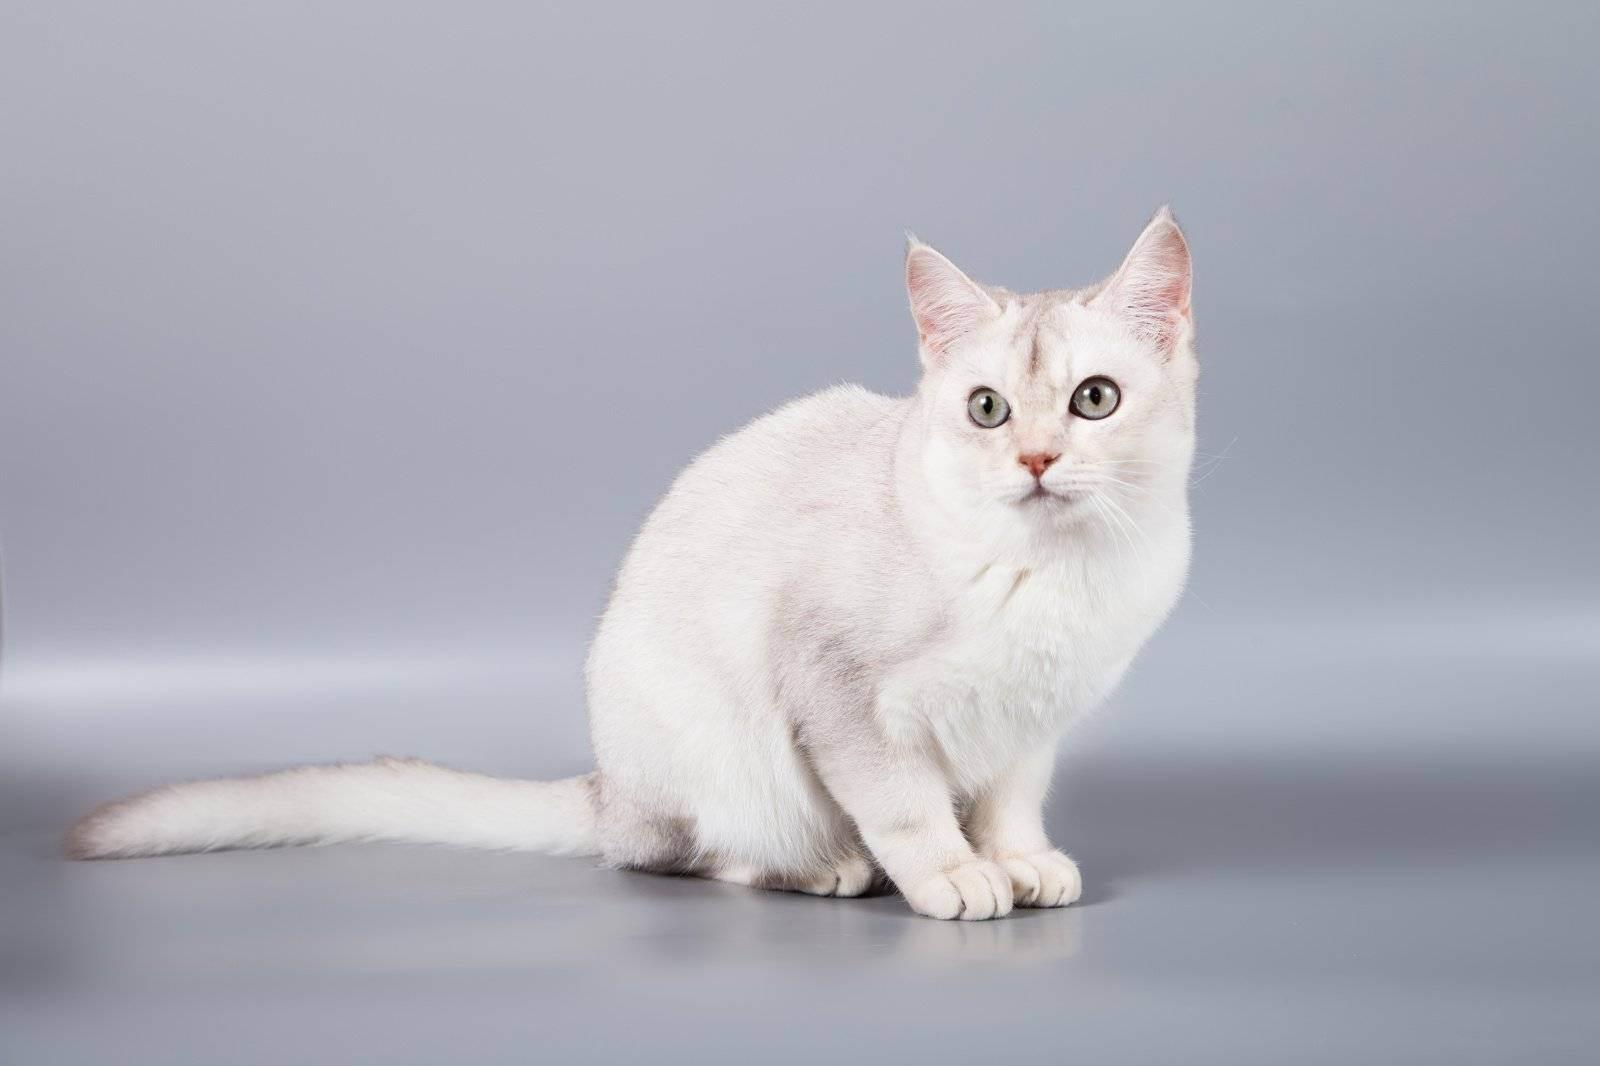 Кошка породы бурмилла: описание и фото, характер животного, особенности содержания